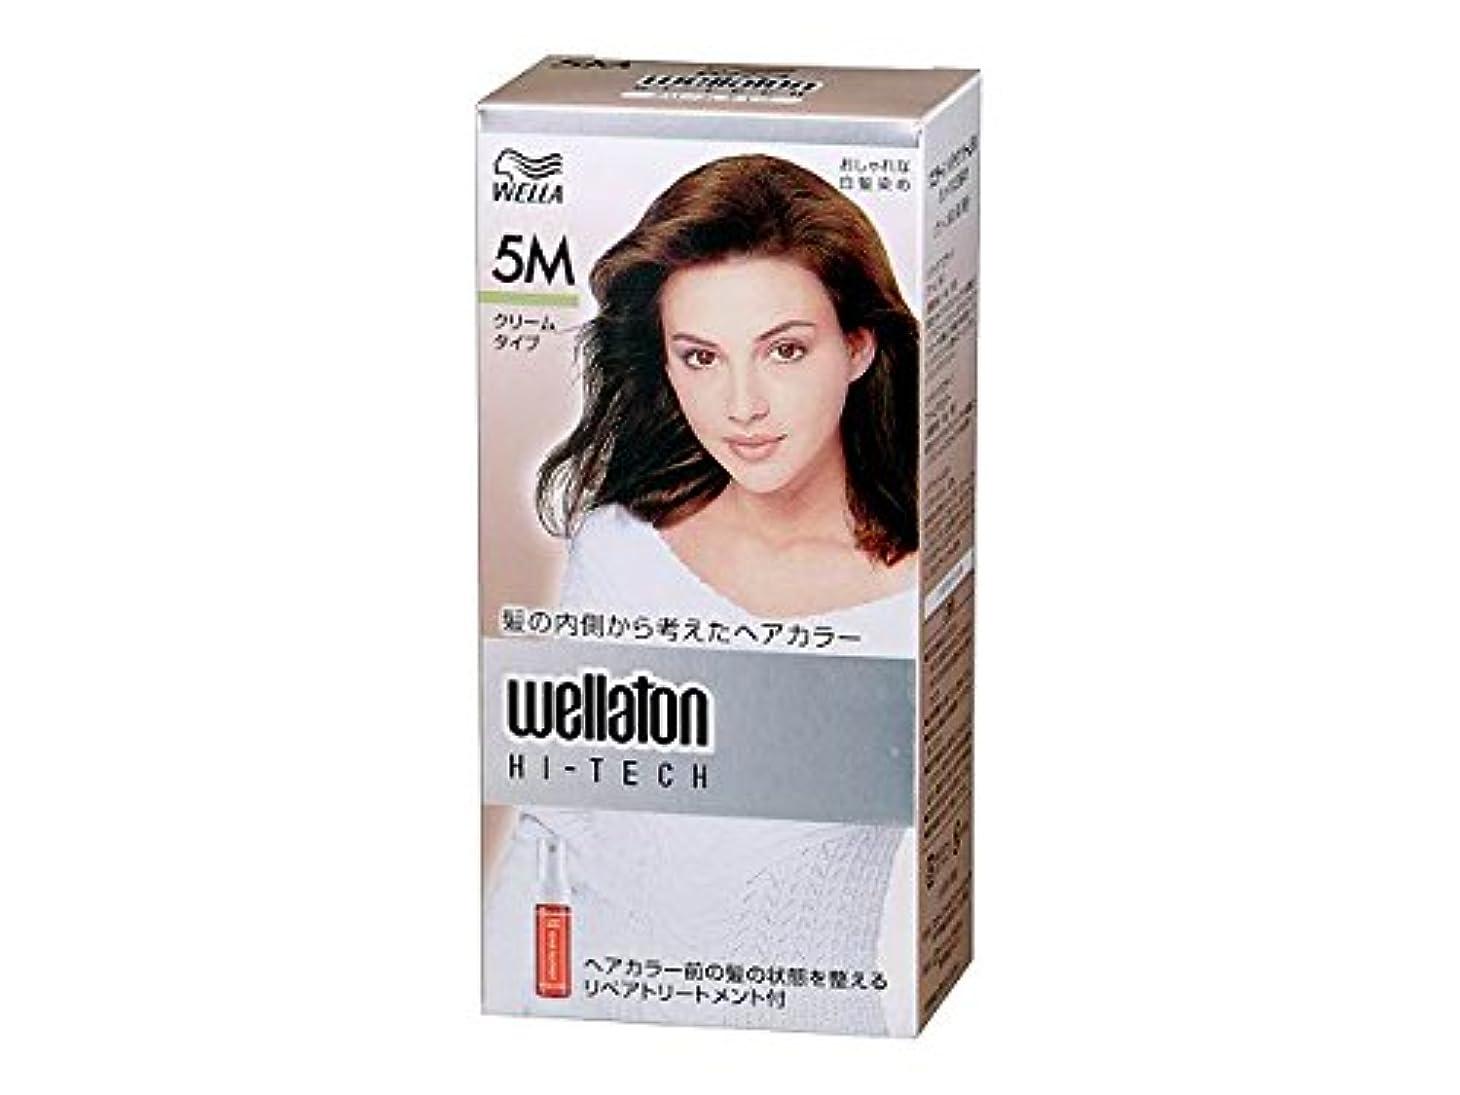 何よりも感謝している隙間【ヘアケア】P&G ウエラトーン ハイテック クリーム 5M グリーン系の深い栗色 医薬部外品 白髪染めヘアカラー(女性用)×24点セット (4902565140459)